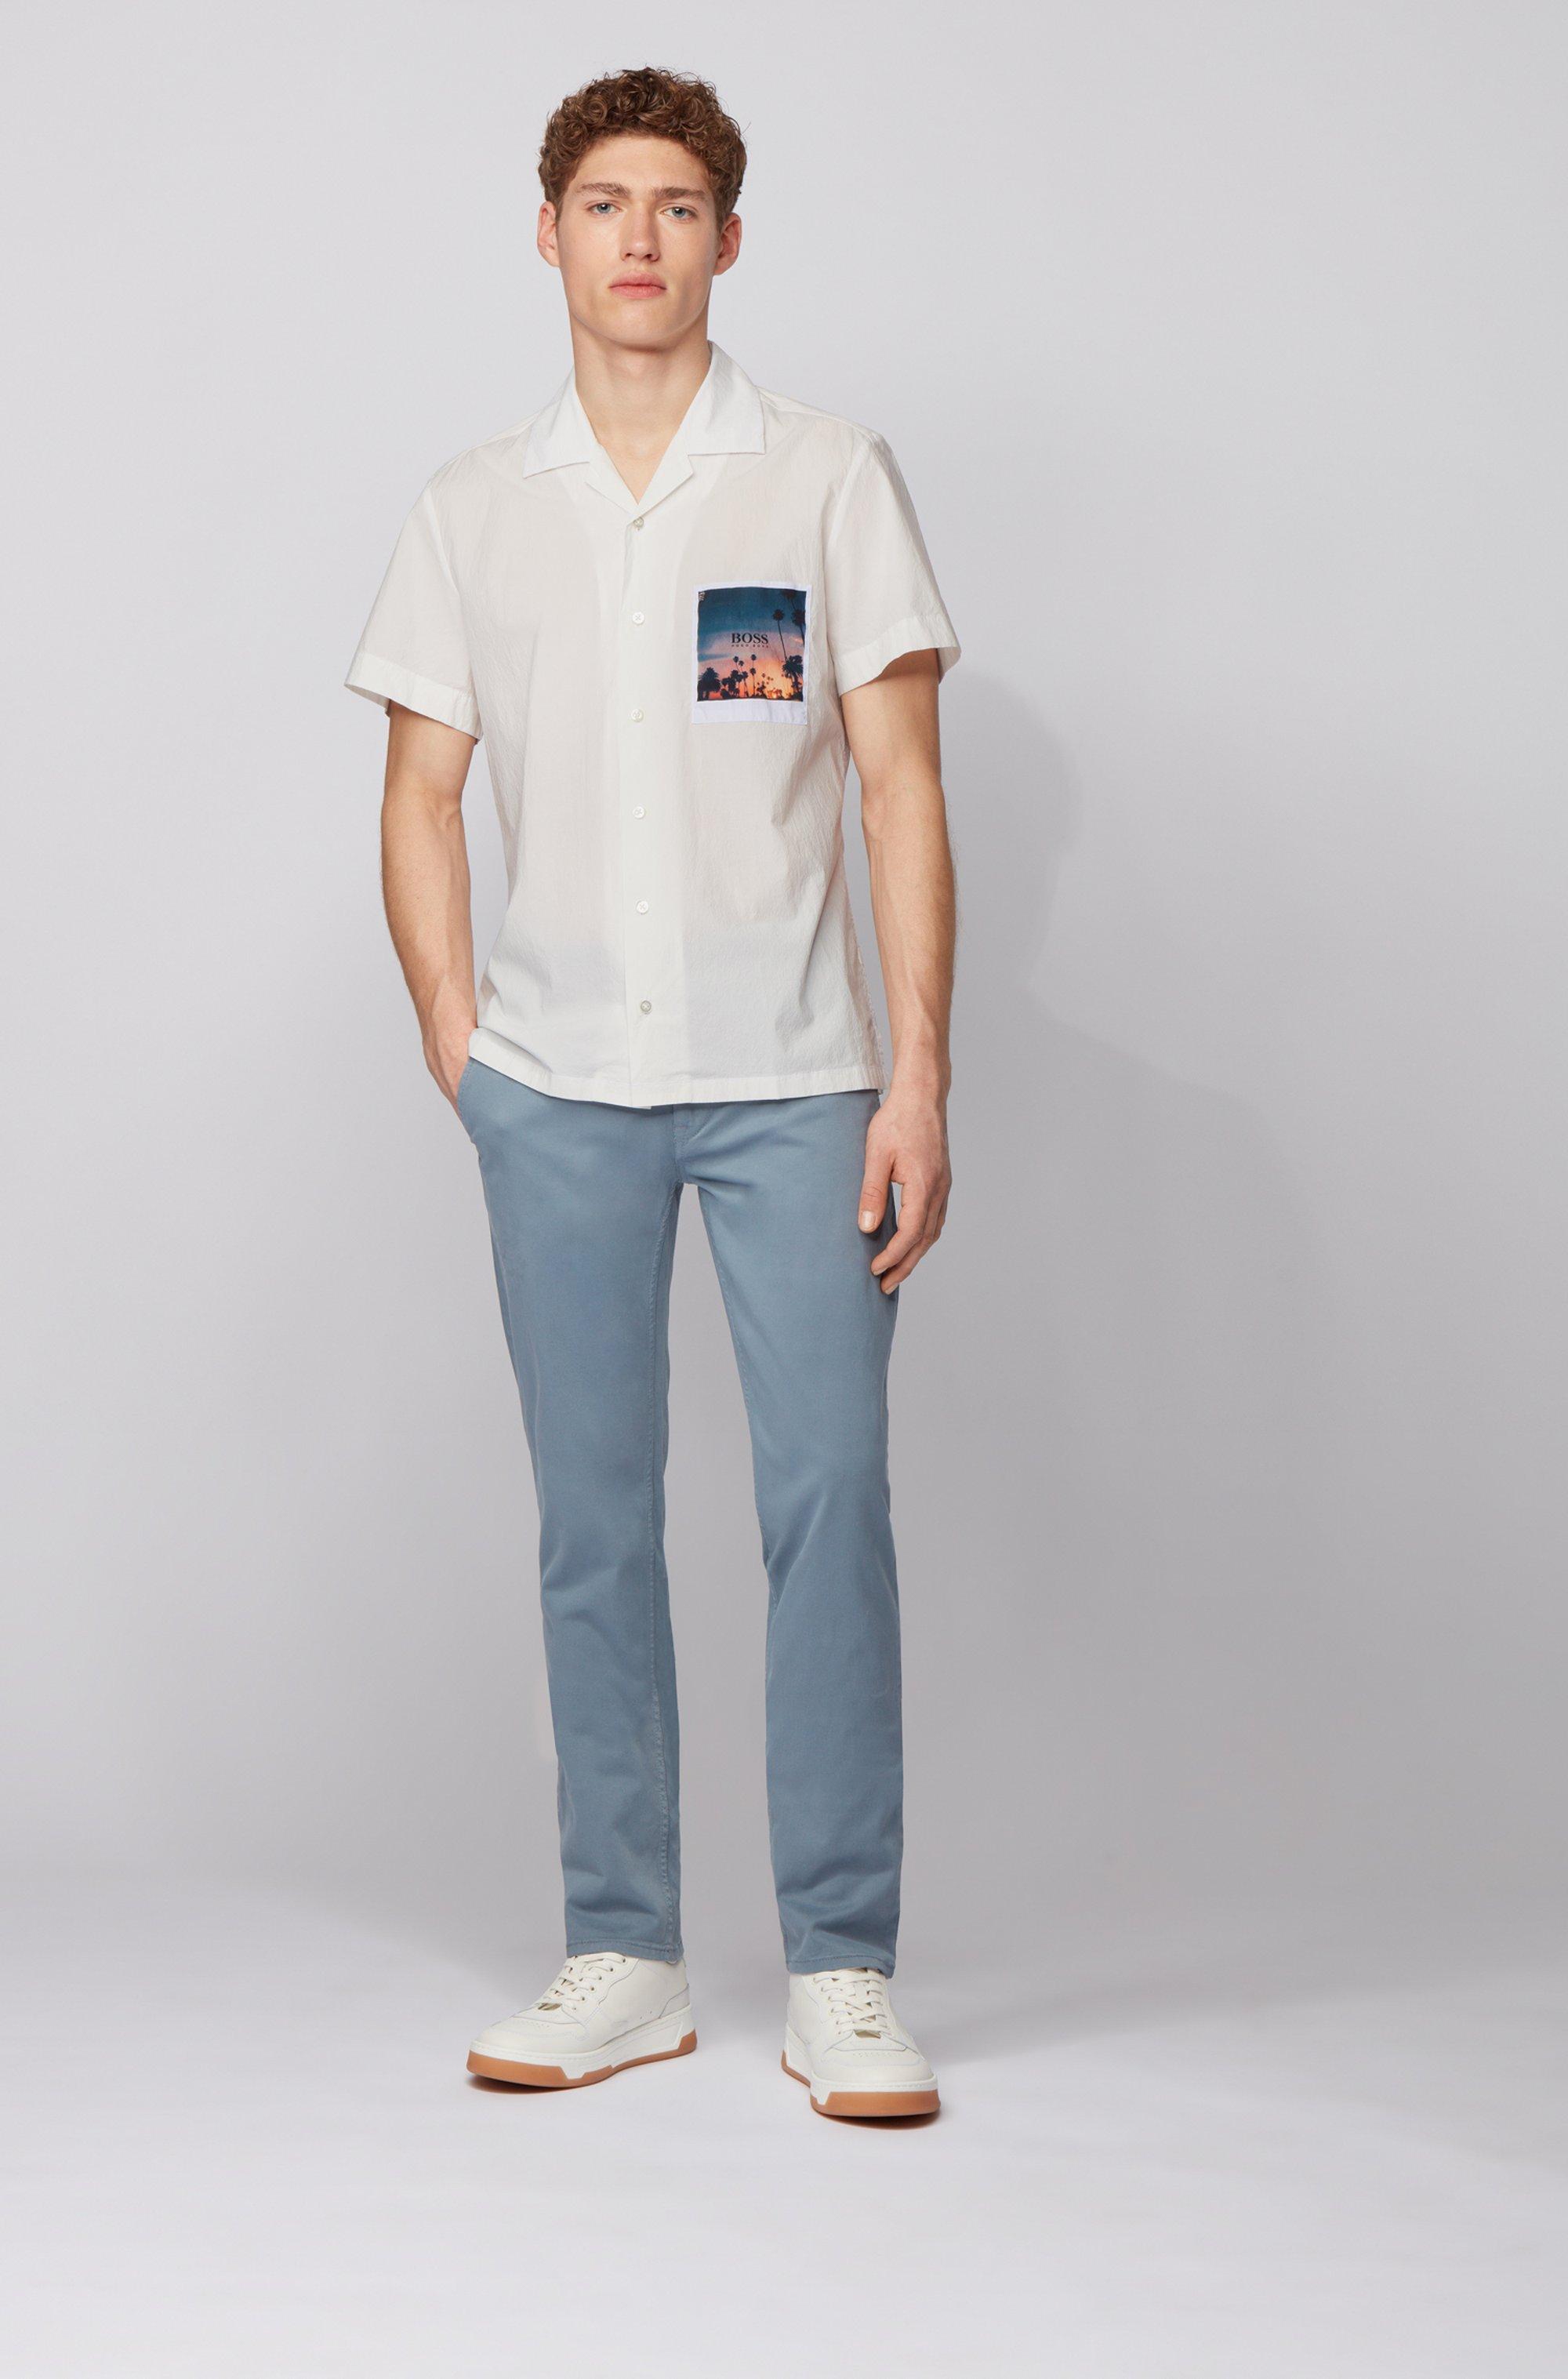 Camicia regular fit in cotone elasticizzato con tasca con stampa fotografica